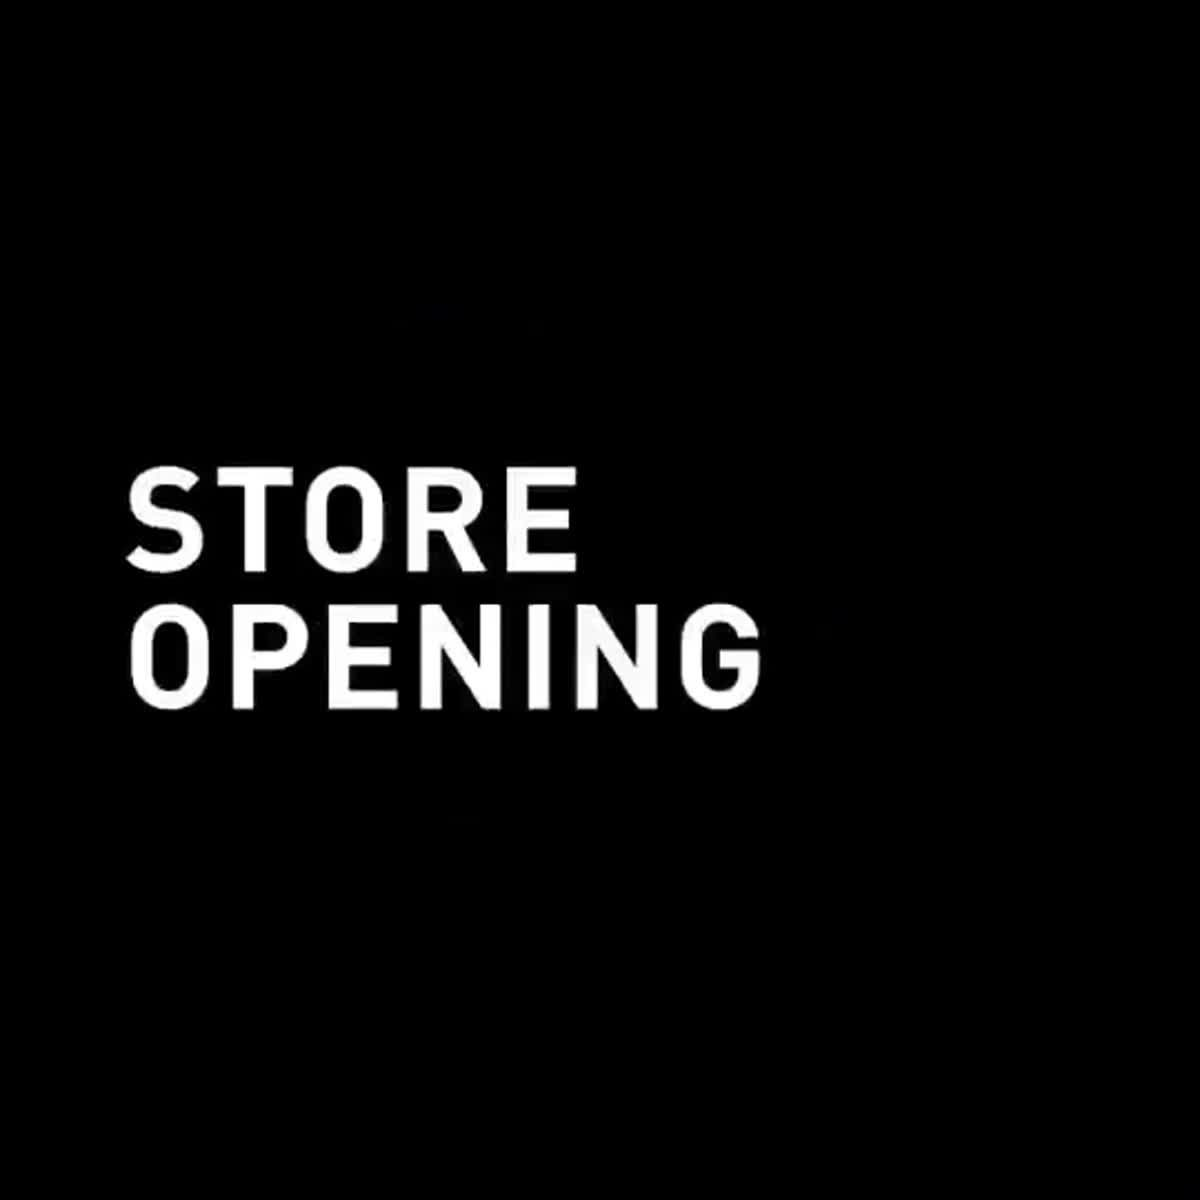 CARNIVAL HEADQUARTER ร้านใหม่ ไฉไลกว่าเดิม!!